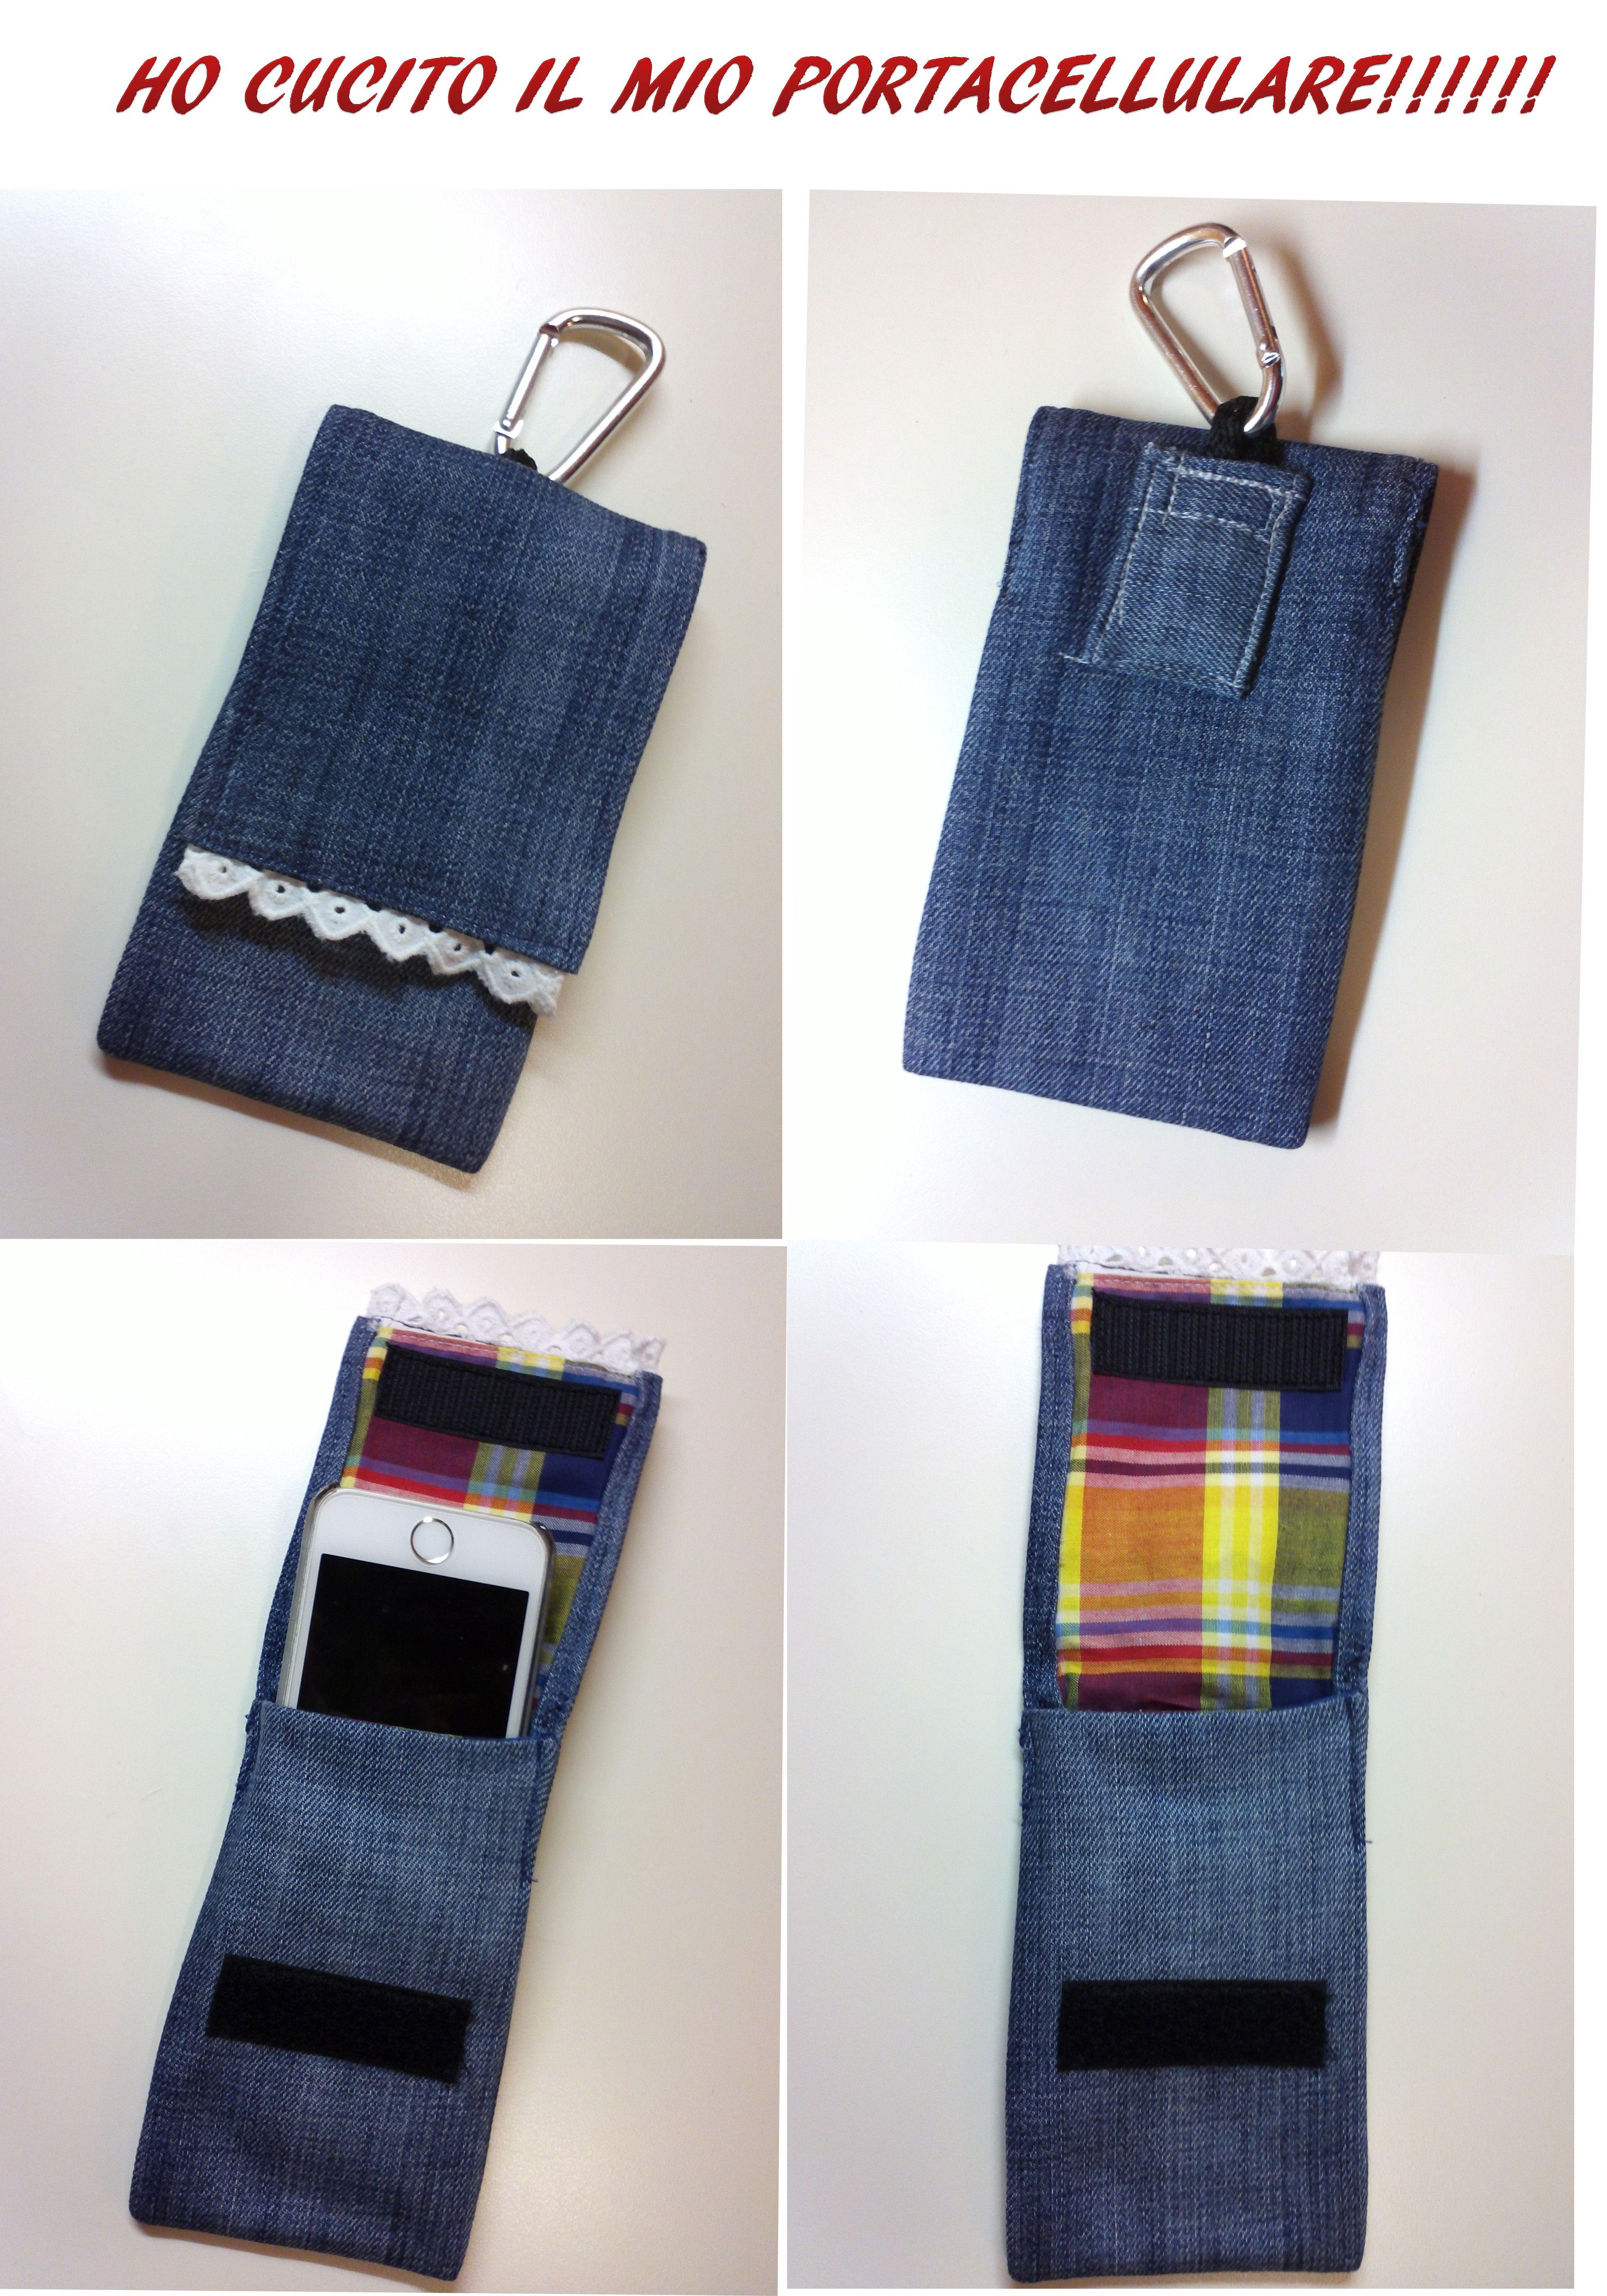 Stamattina ho cucito il mio portacellulare in jeans for Borse fai da te jeans